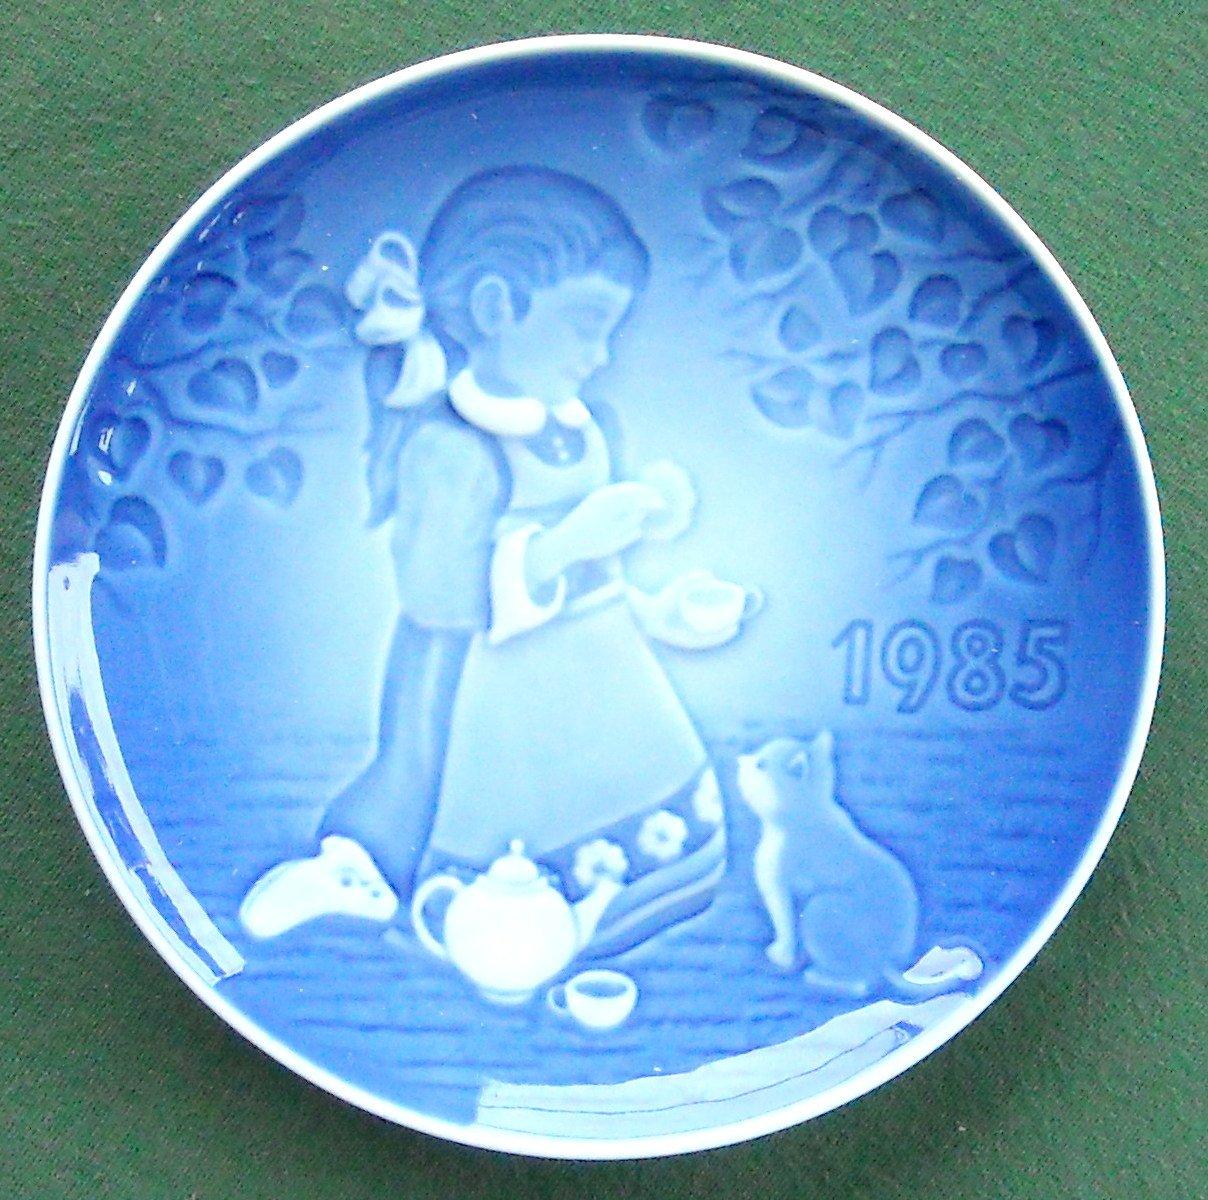 Danish Bing Grondahl Copenhagen Childrens Day Barnets Dag Plate 1985